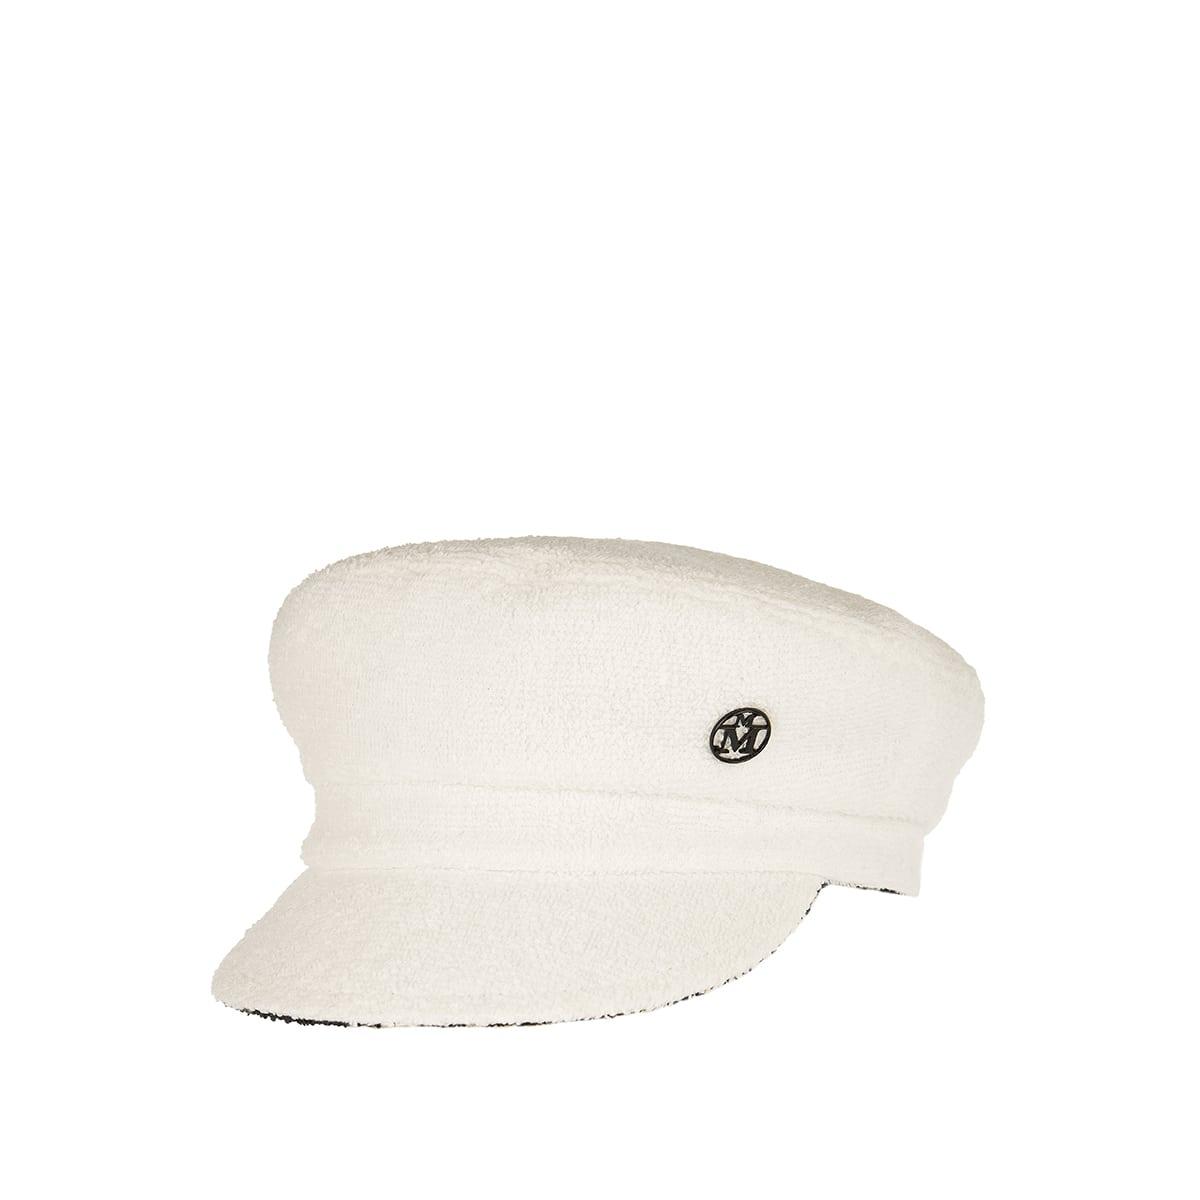 Soft New Abby bouclé cotton cap